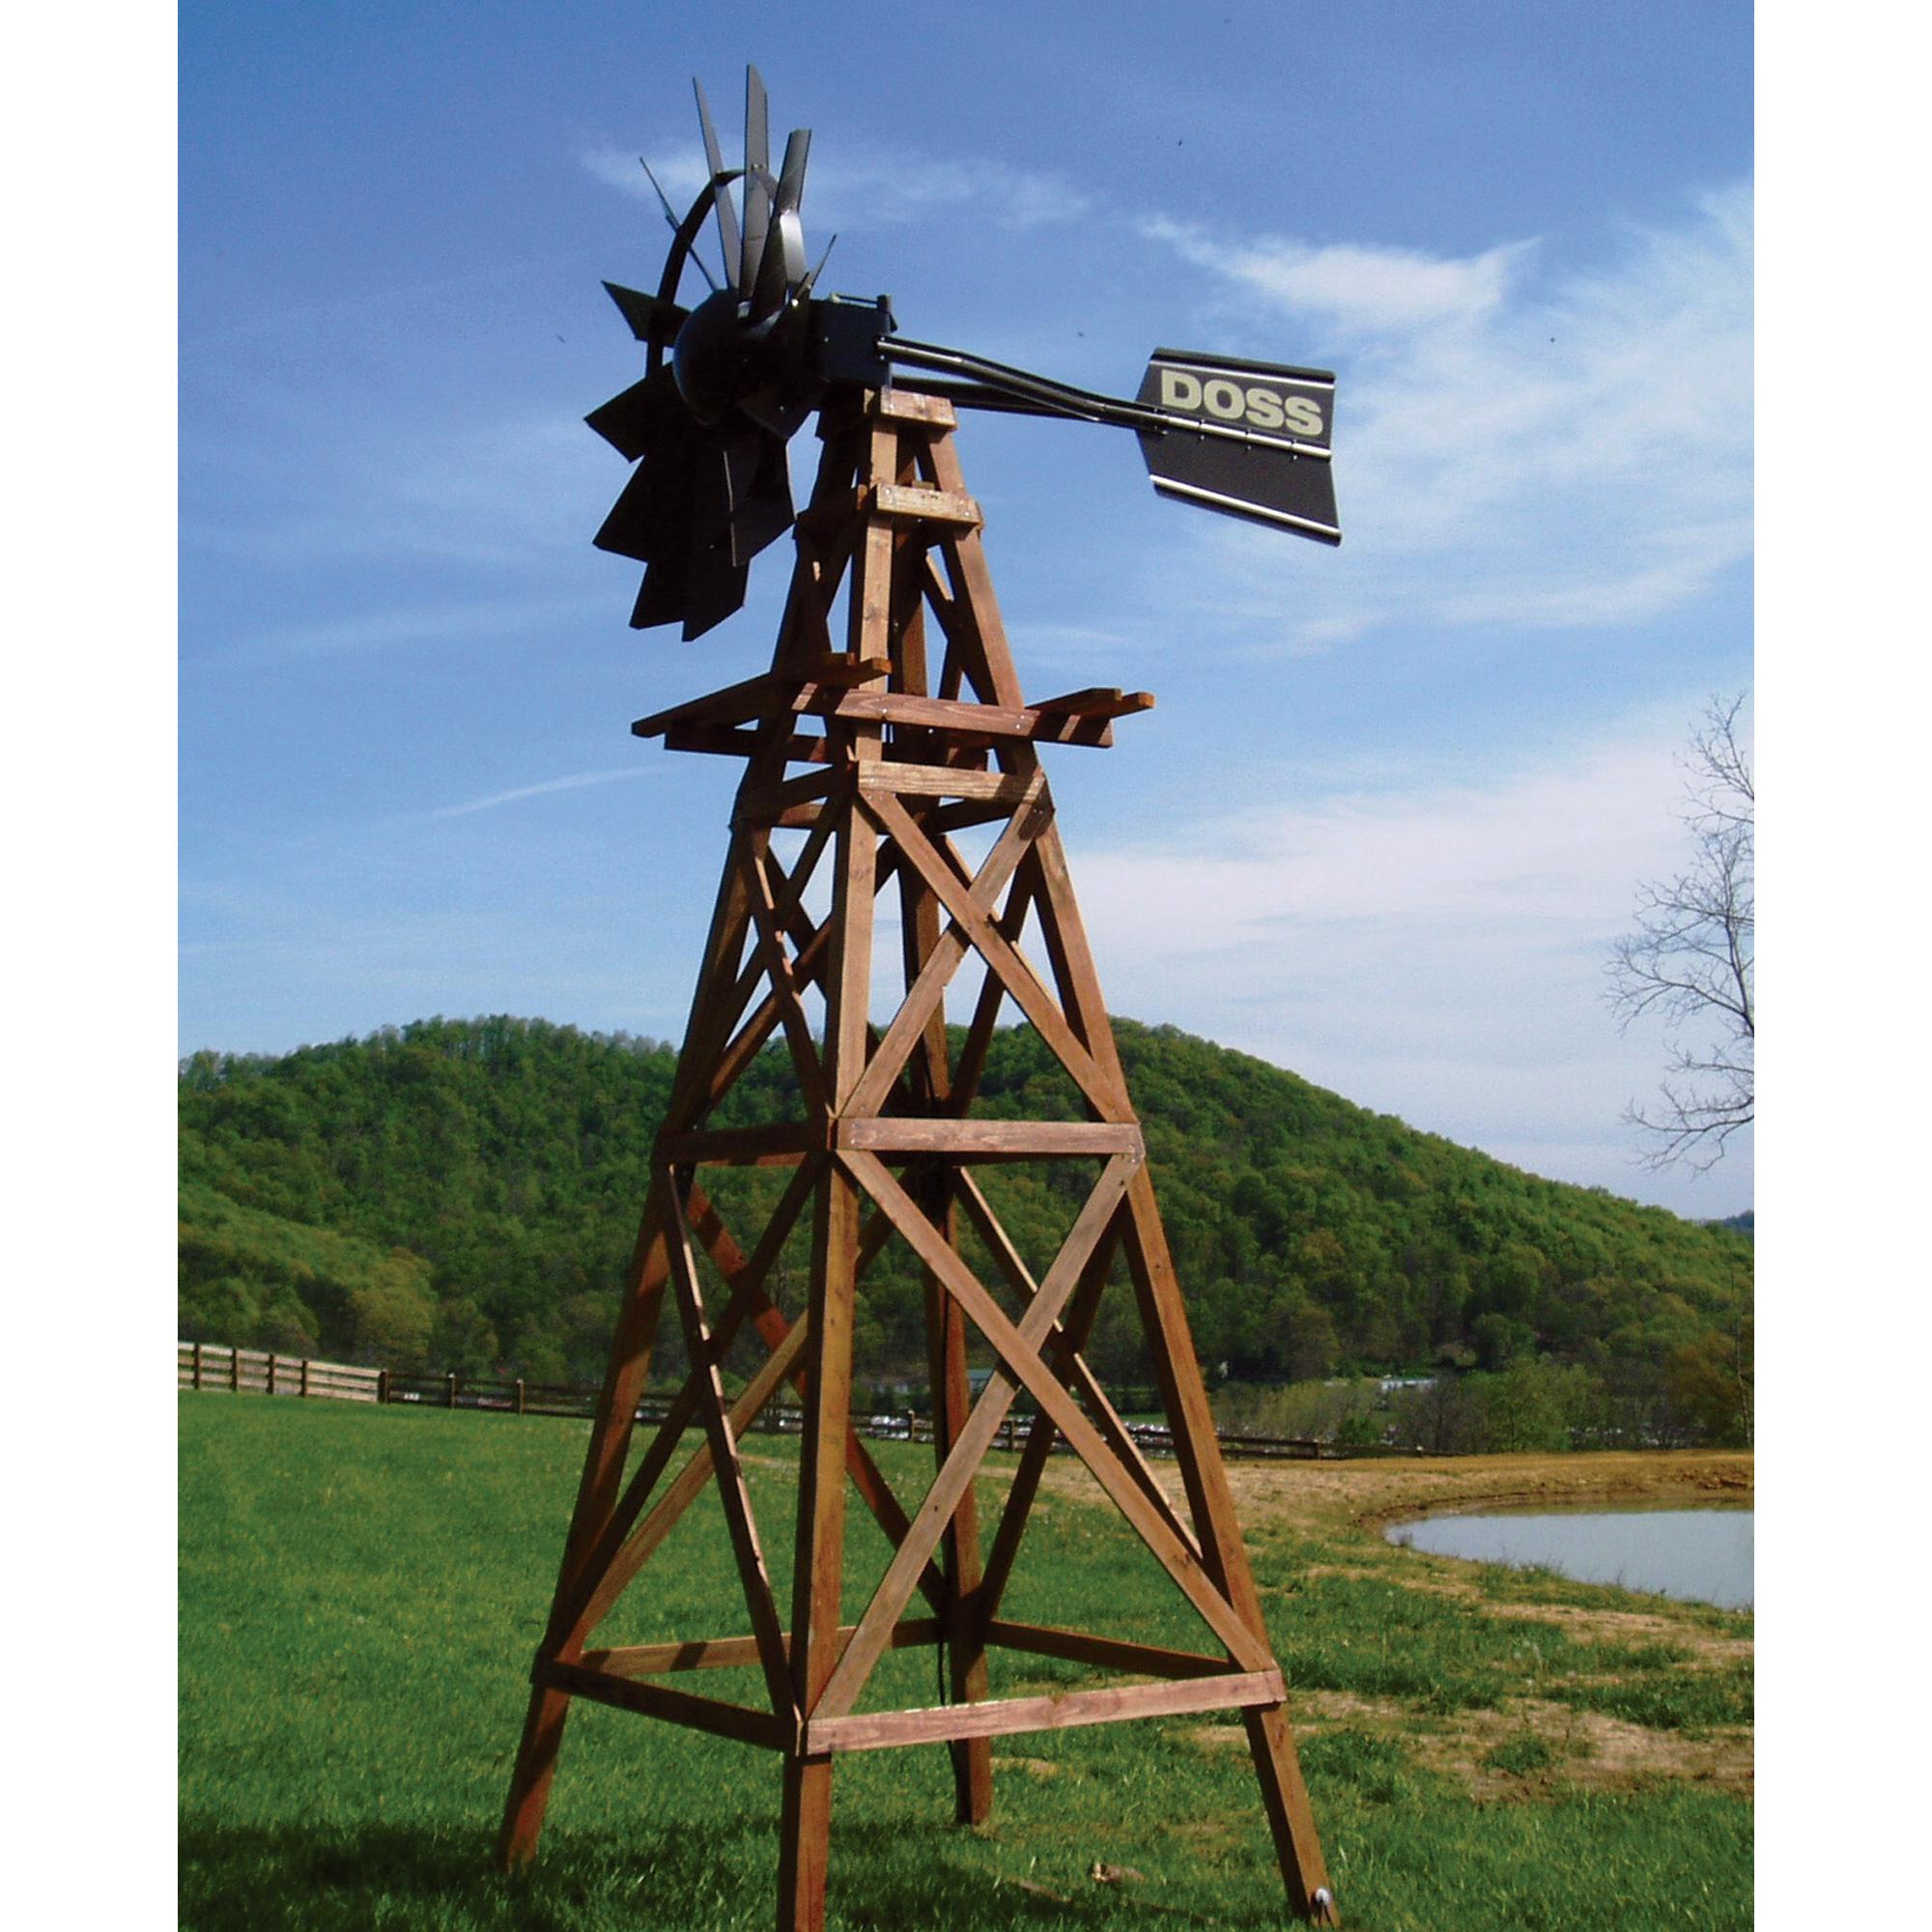 Decorative Garden Windmills Images Beautiful Wooden Windmill Jpg 2000x2000 Wooden  Windmill Backyard Decorative Garden Pictures